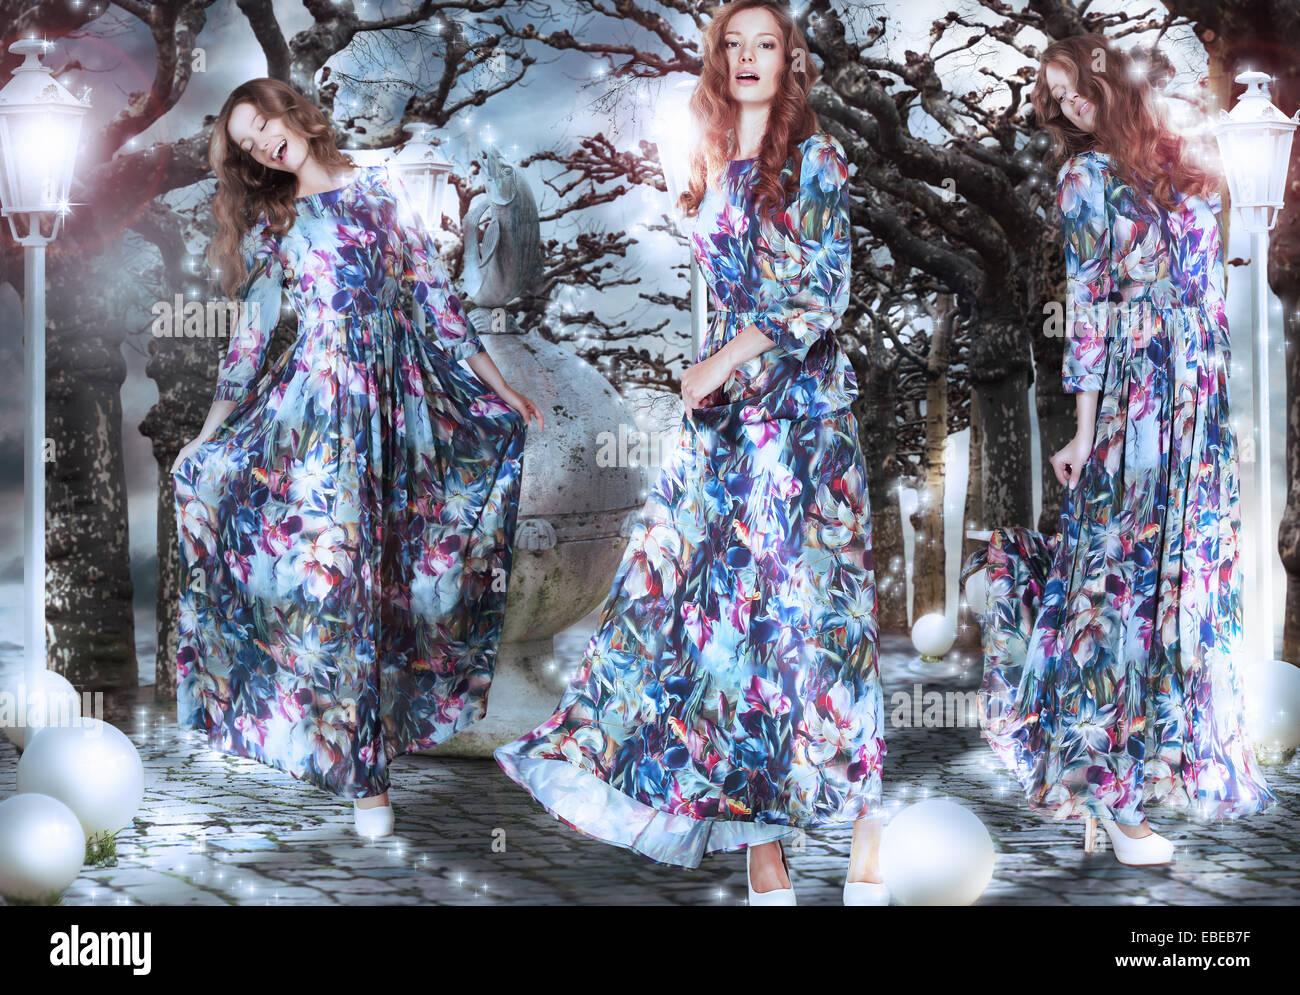 La inspiración. La fantasía. Las mujeres con vestidos floreados, entre árboles Imagen De Stock